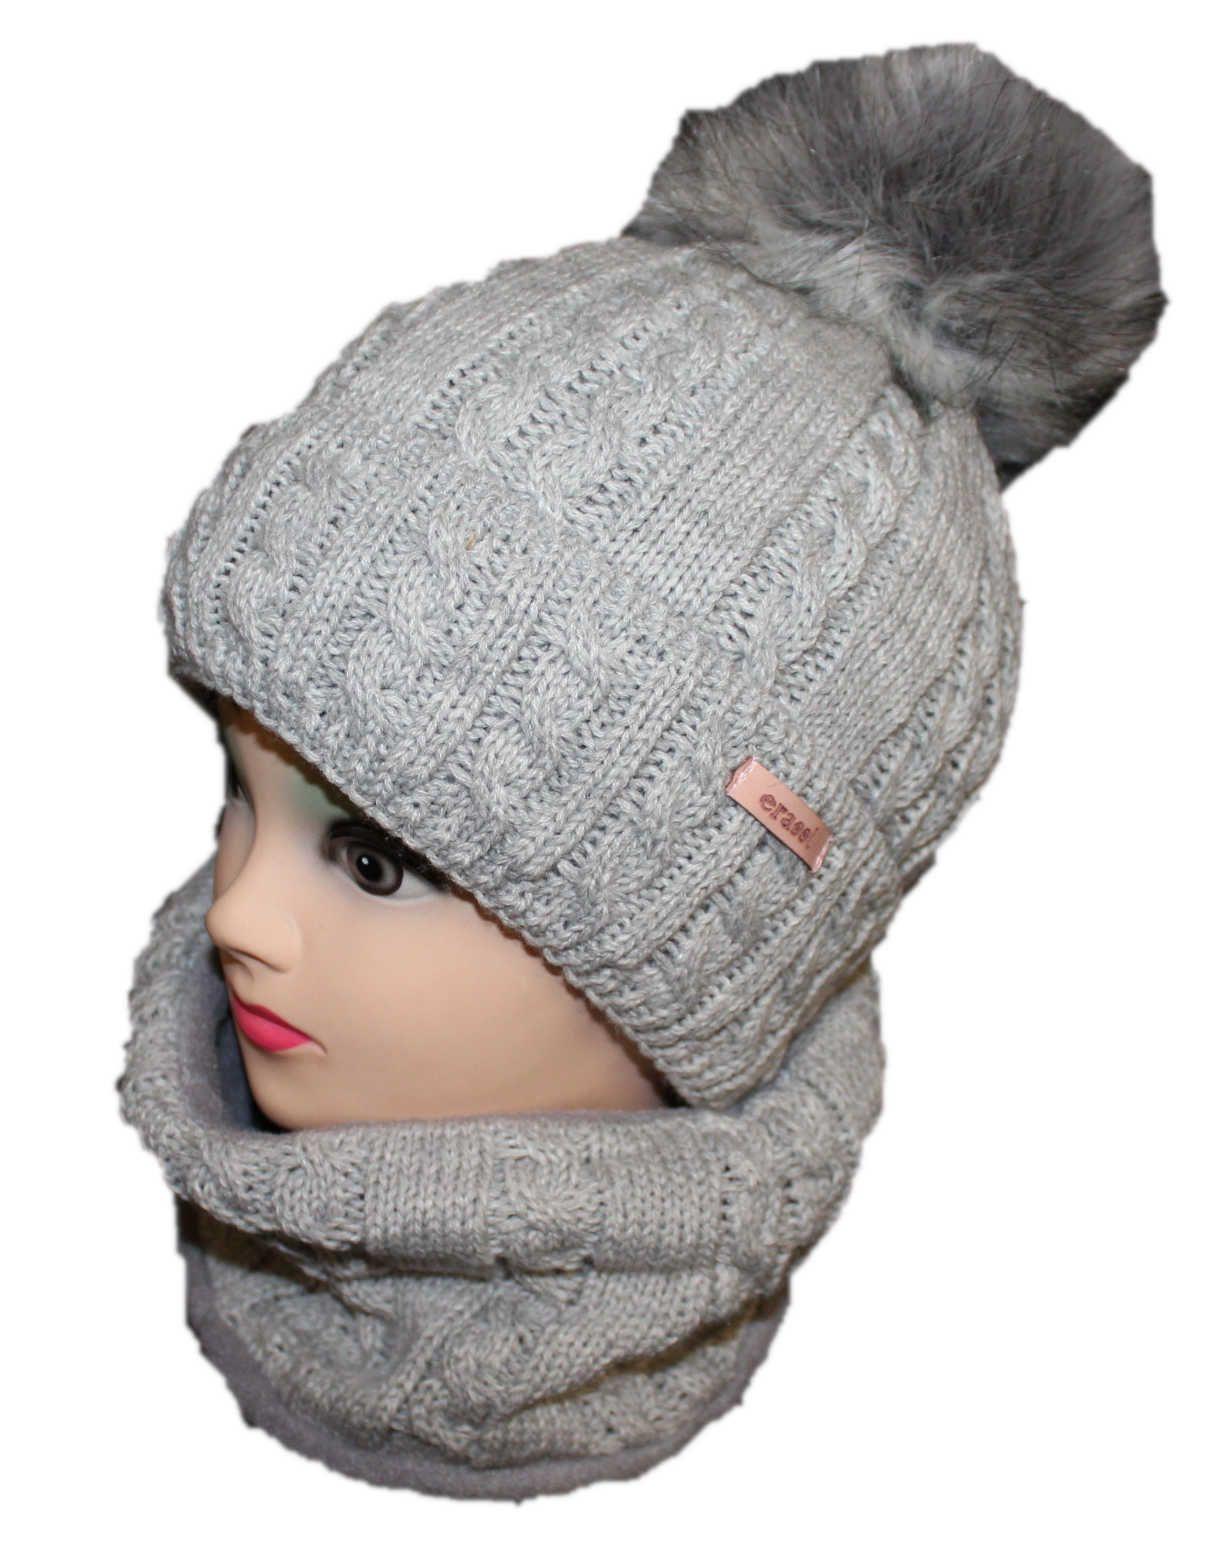 čepice a šála, čepice s bambulí šála zimní čepice zateplená čepice Erassi